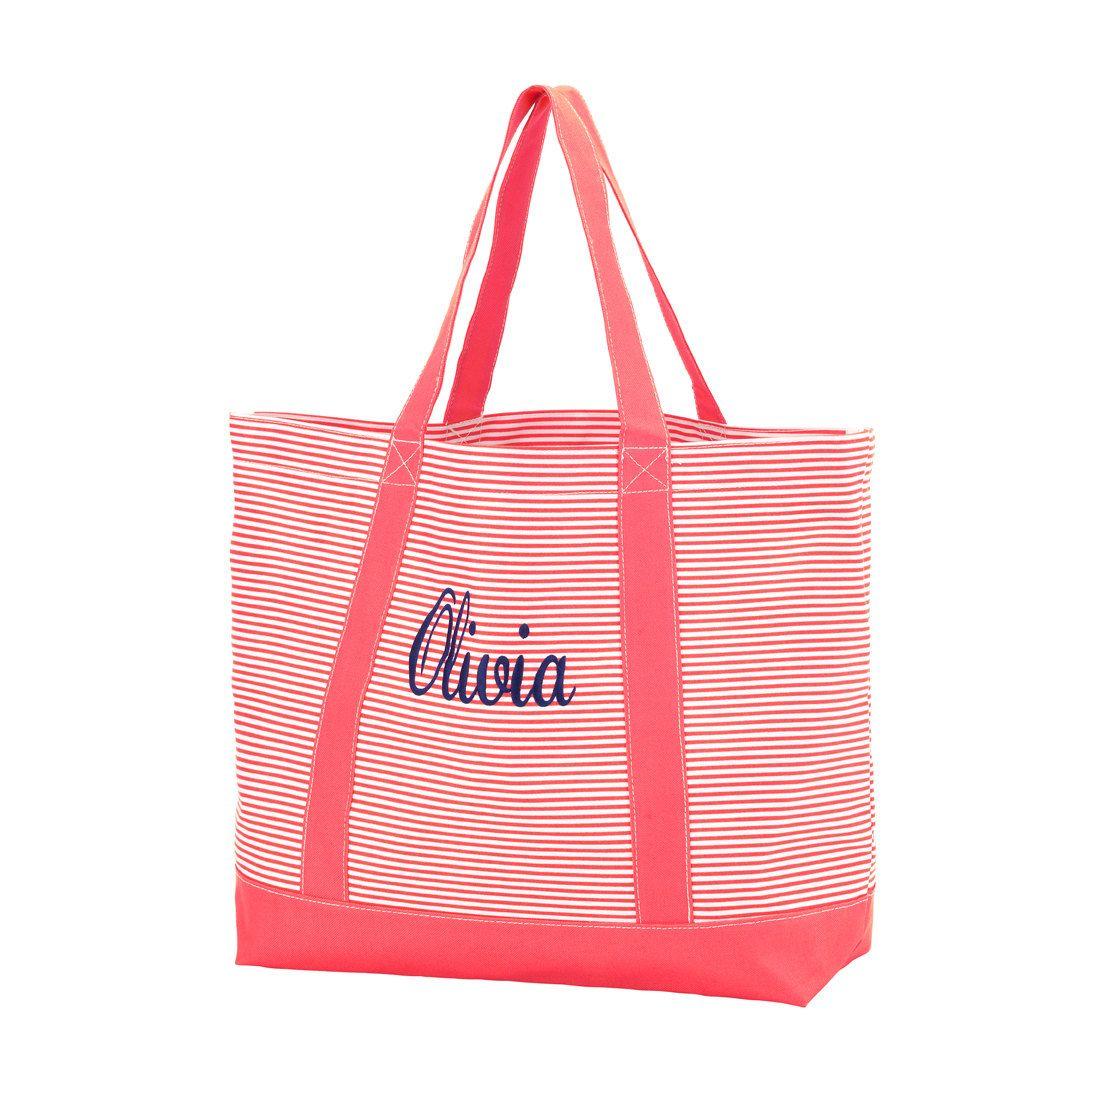 Monogram Coral Pinstripe Tote - Personalized Tote Bag - Beach Bag ...